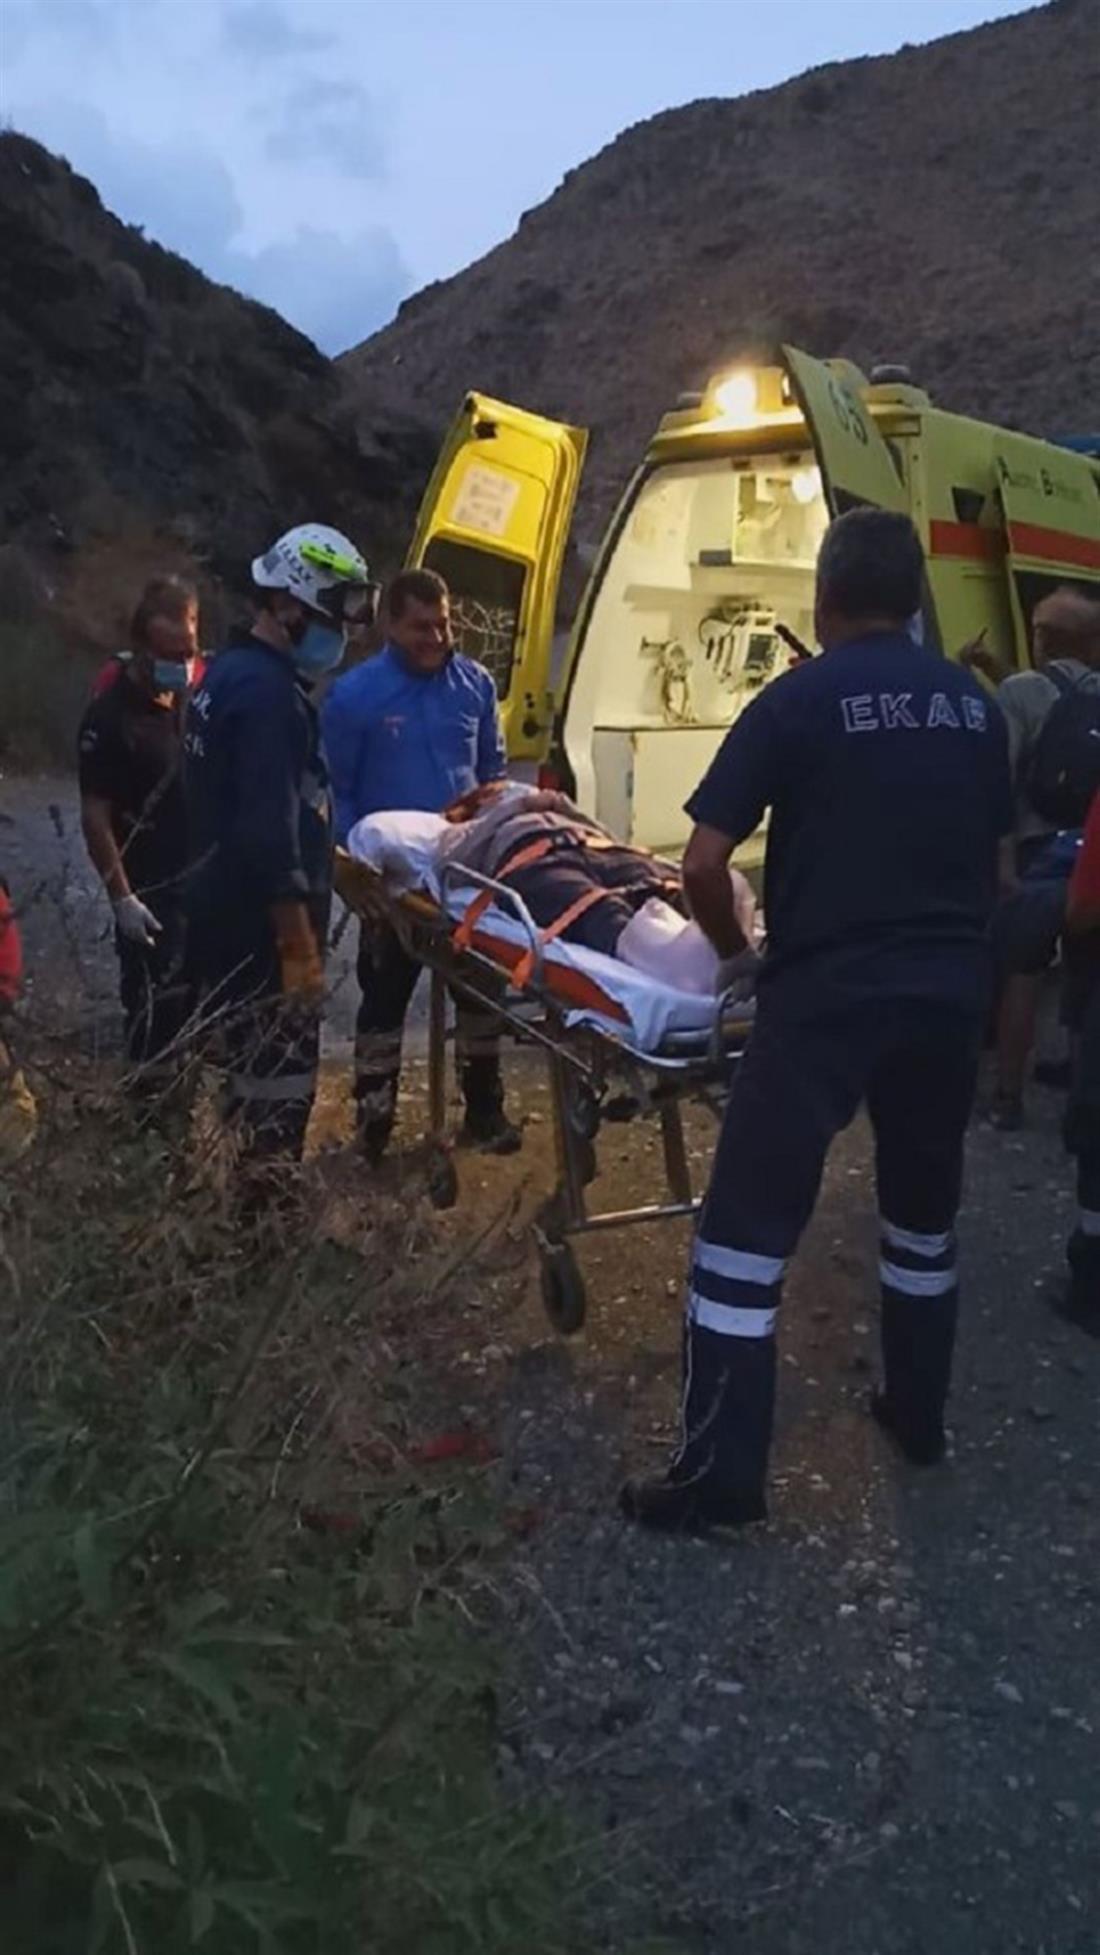 Κρήτη - επιχείρηση διάσωσης - φαράγγι - ατύχημα